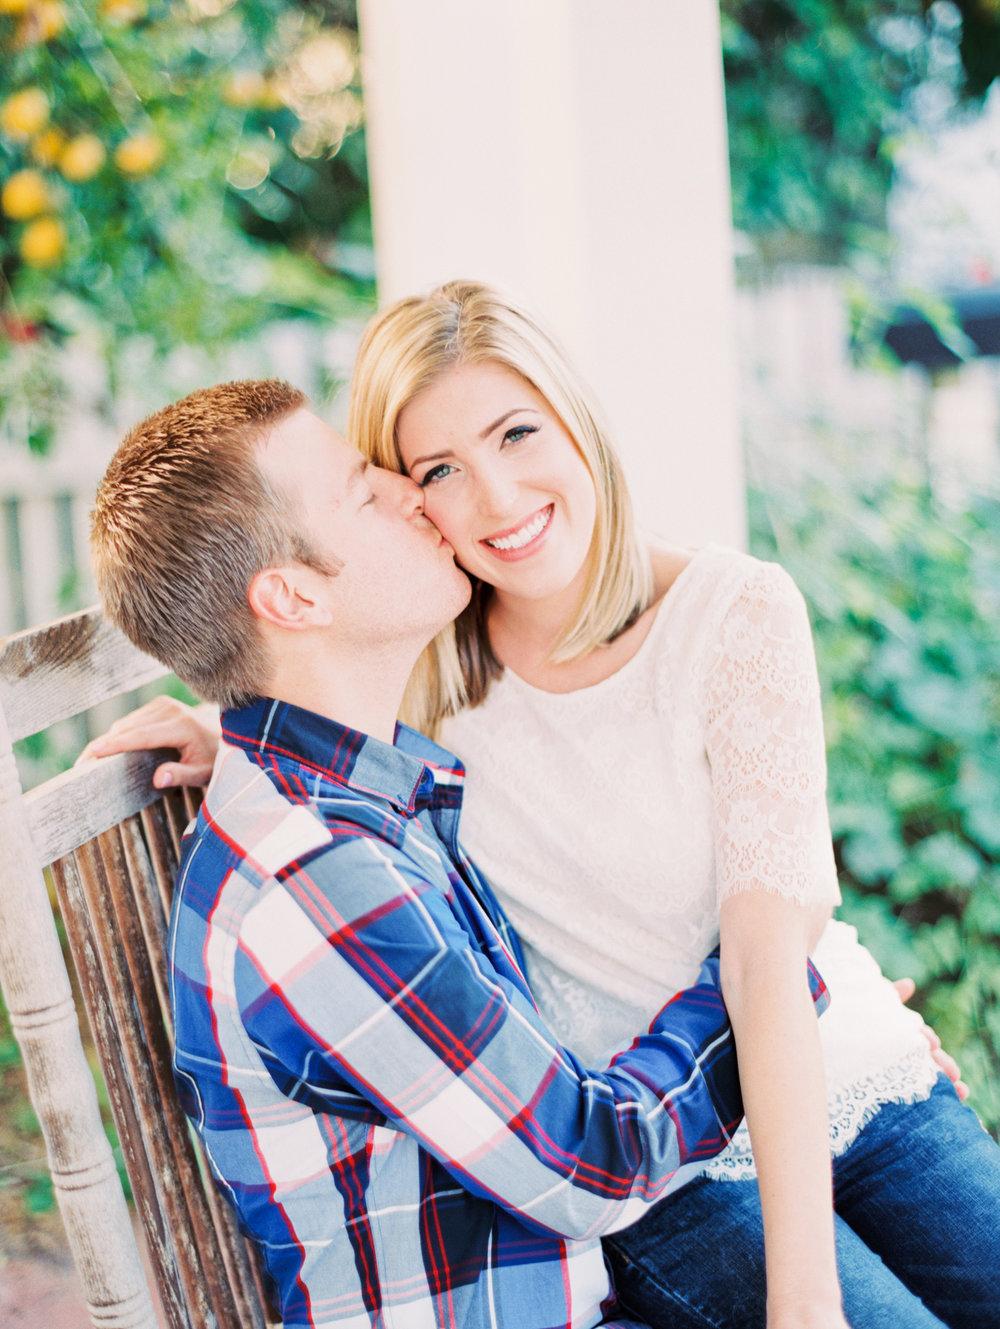 Michelle-March-Photography-Wedding-Engagement-Vintage-Film-Orlando-Leu-Gardens-5.jpg